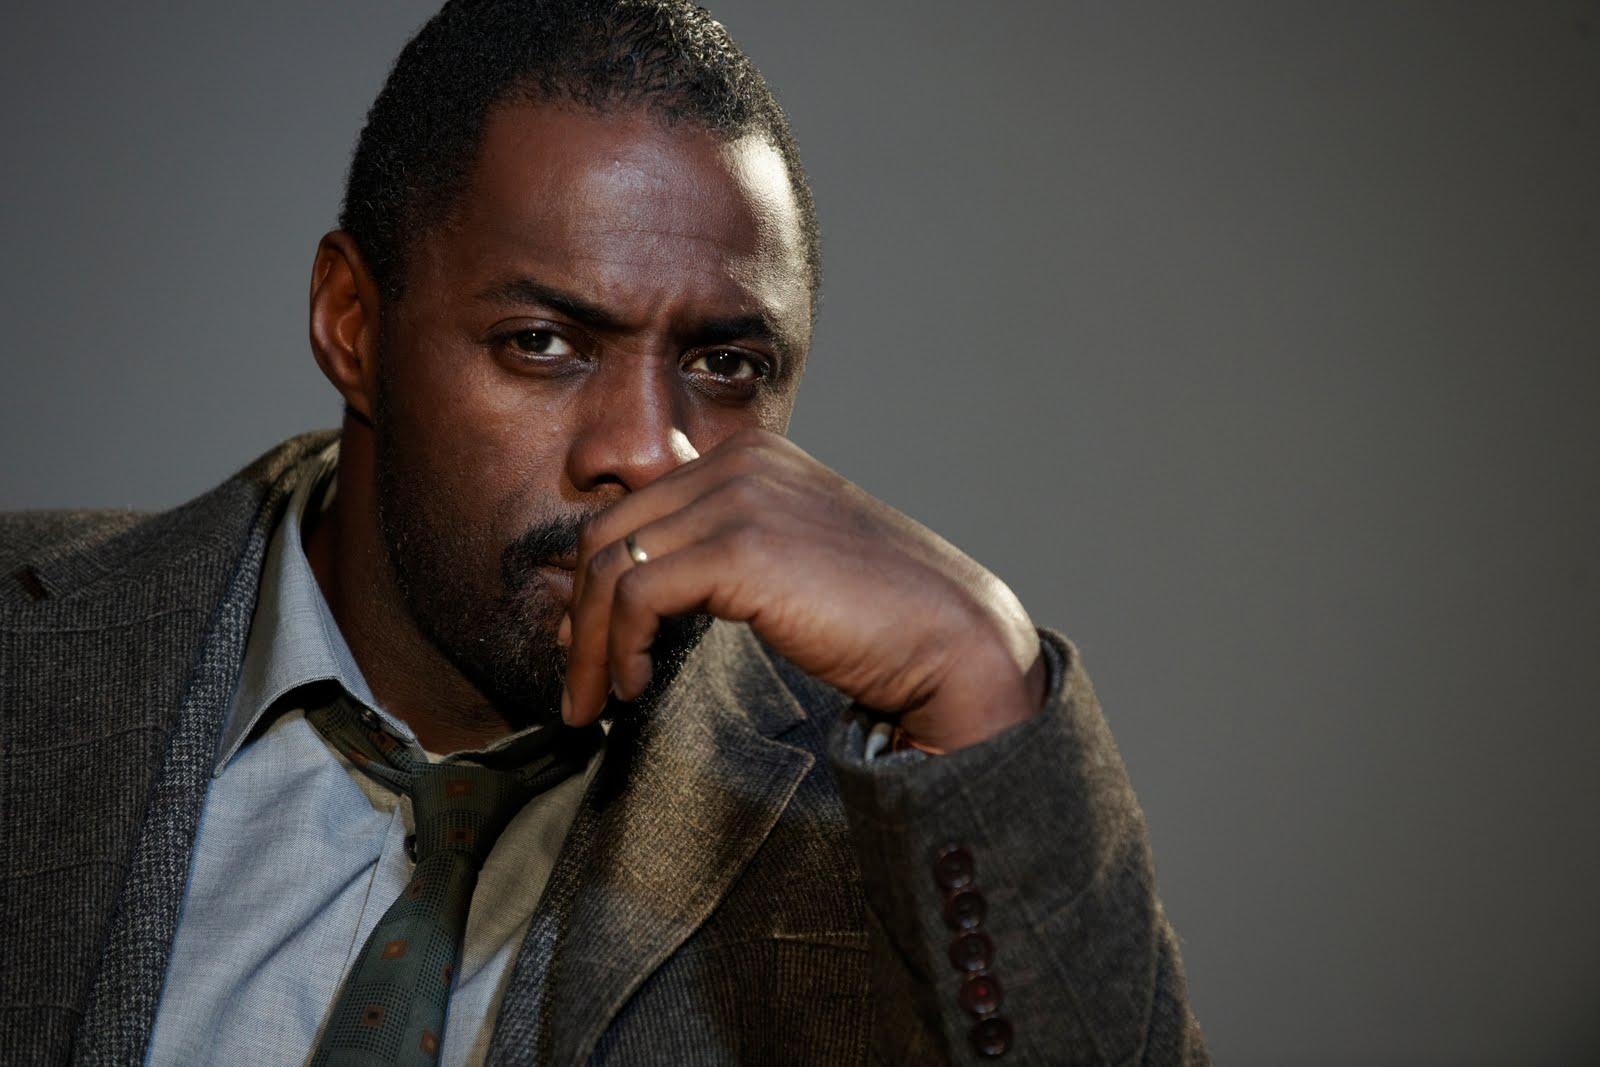 Il Gobbo di Notre Dame: sarà Idris Elba protagonista e regista dell'adattamento Netflix